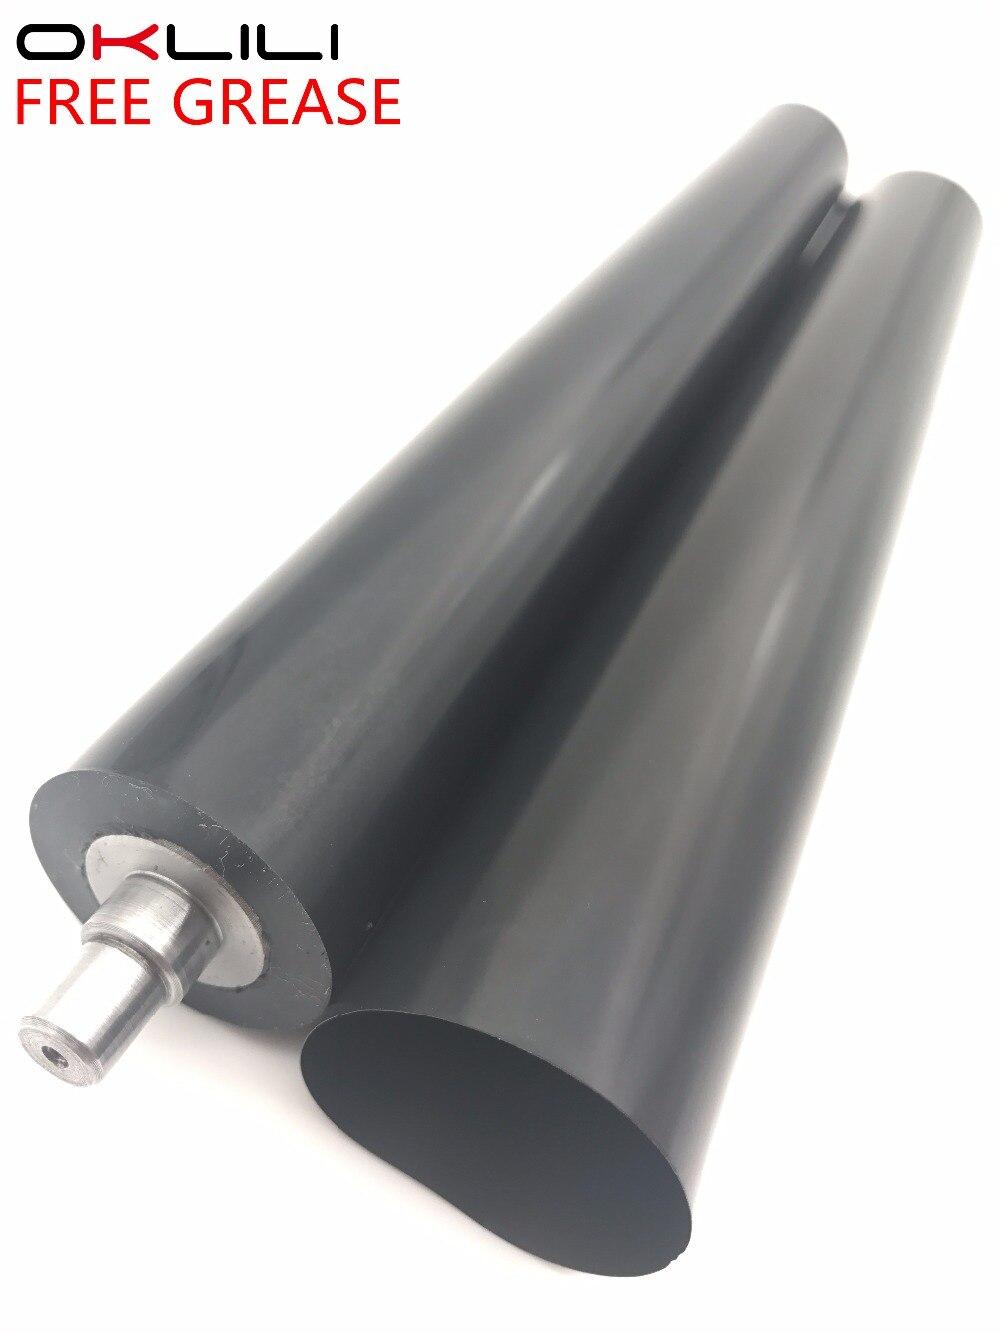 2SETX Fuser Film Sleeve Pressure Roller for Brother DCP L5500 L5600 L5650 HL L5000 L5100 L5200 L6200 L6250 L6300 L6400 5580 5585 фотобарабан brother dr3400 для hl l5000 l5100 l5200 l6250 l6300 l6400 dcp l5500 l6600 mfc l5700 l5750 l6800 l6900